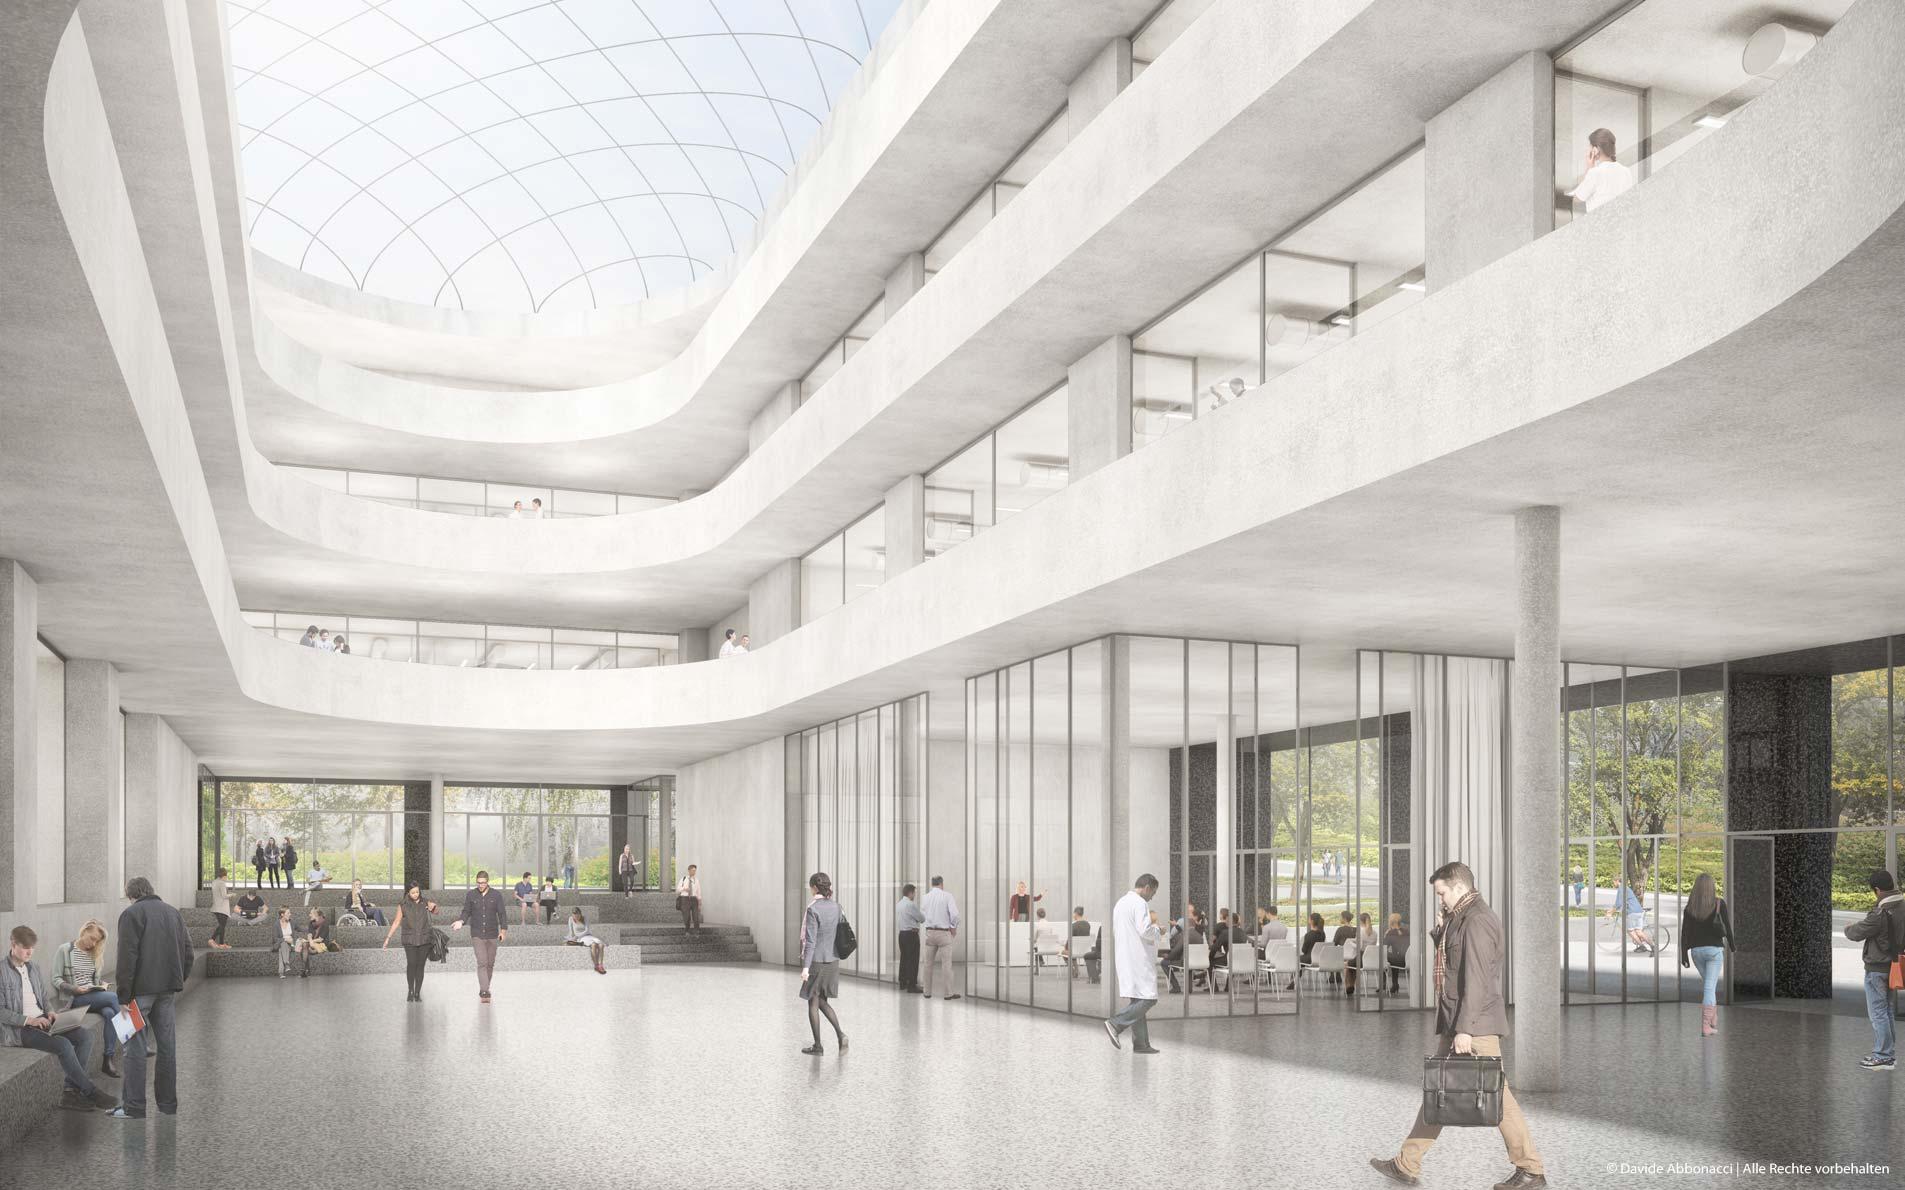 Forschungsgebäude Zentrum Biophysik der UdS, Saarbrücken | Kuehn Malvezzi Architekten | 2019 Wettbewerbsvisualisierung